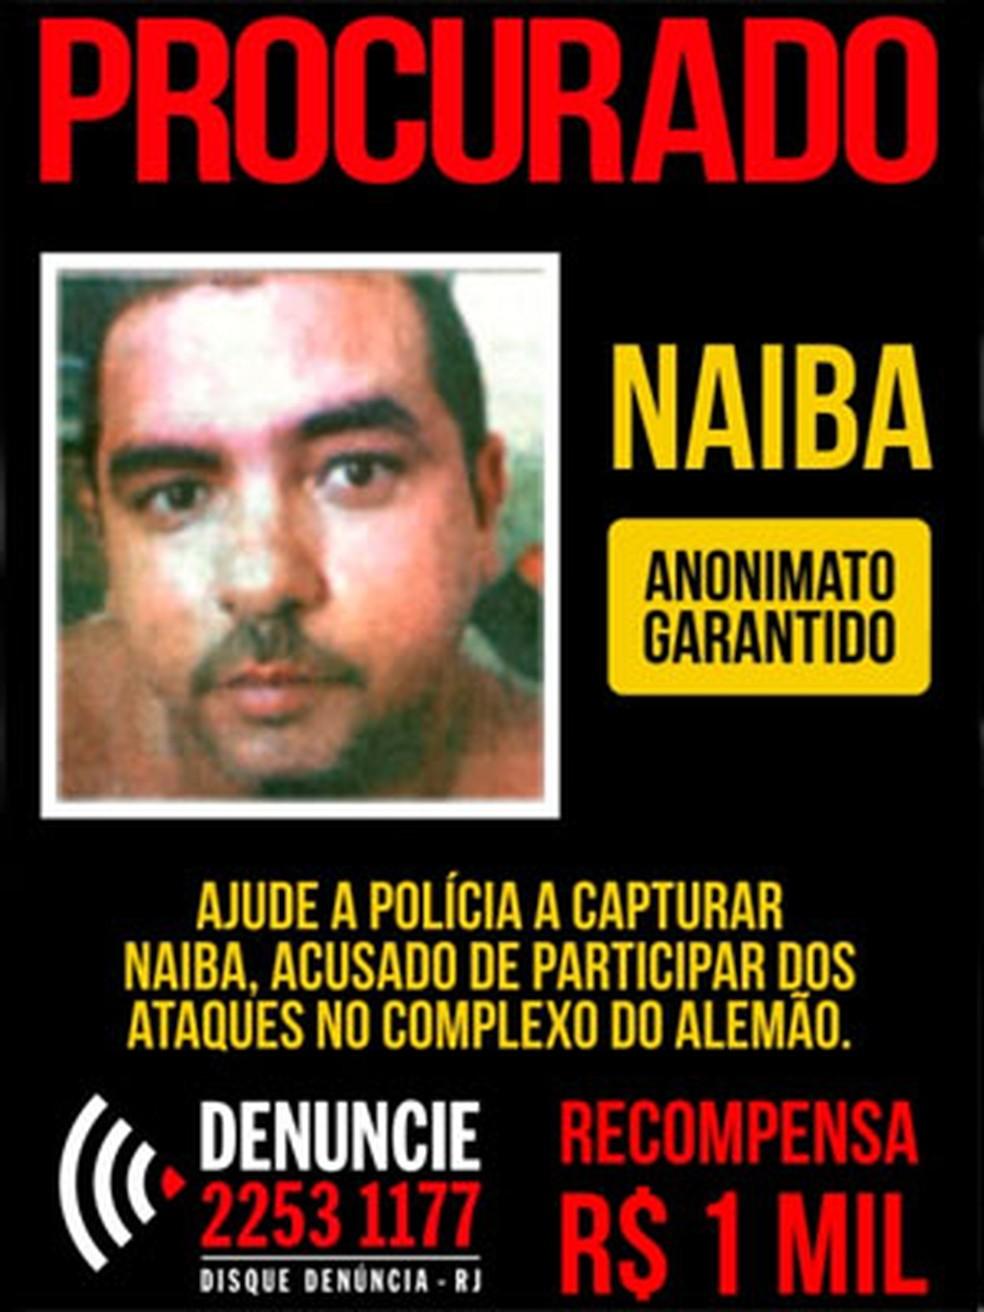 Disque Denúncia ofereci R$ 1 mil por informações que levassem a Naíba, suspeito de tráfico no Conjunto de Favelas Alemão (Foto: Divulgação/Disque Denúncia)